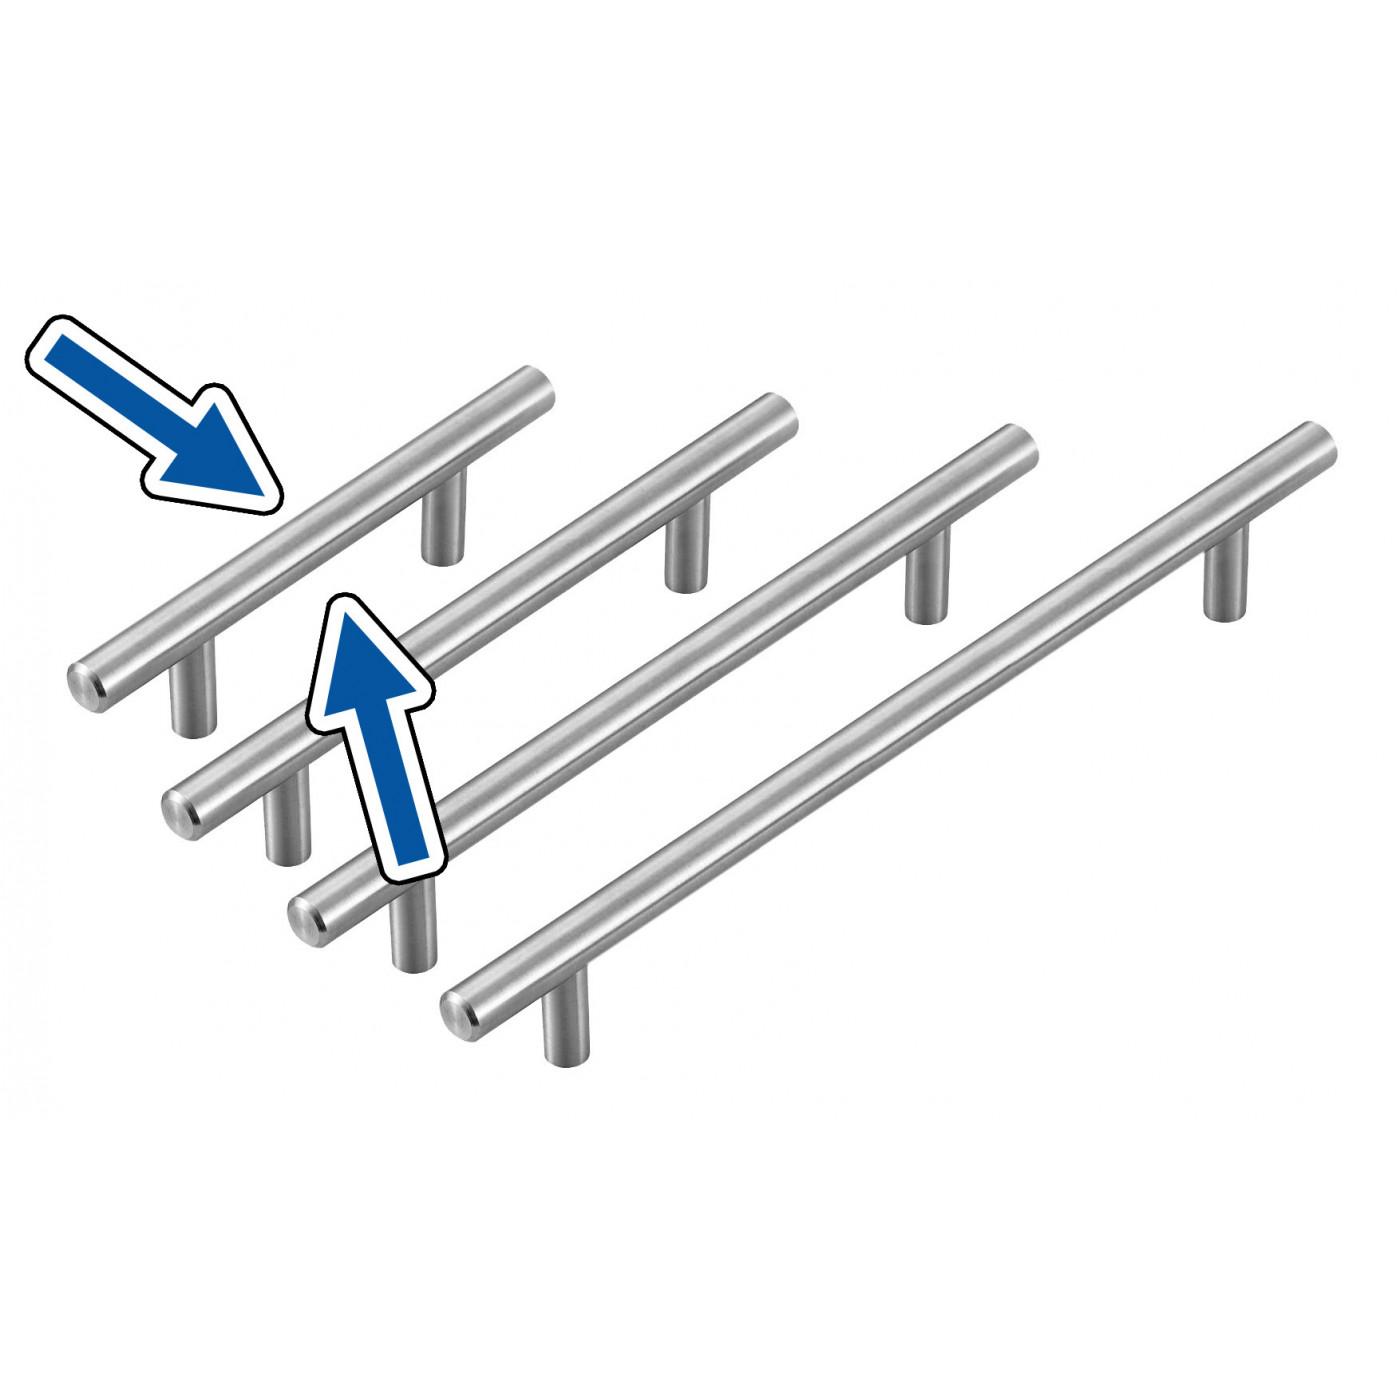 Conjunto de 4 alças de aço maciço de alta qualidade (tamanho 1: 96/150 mm)  - 1